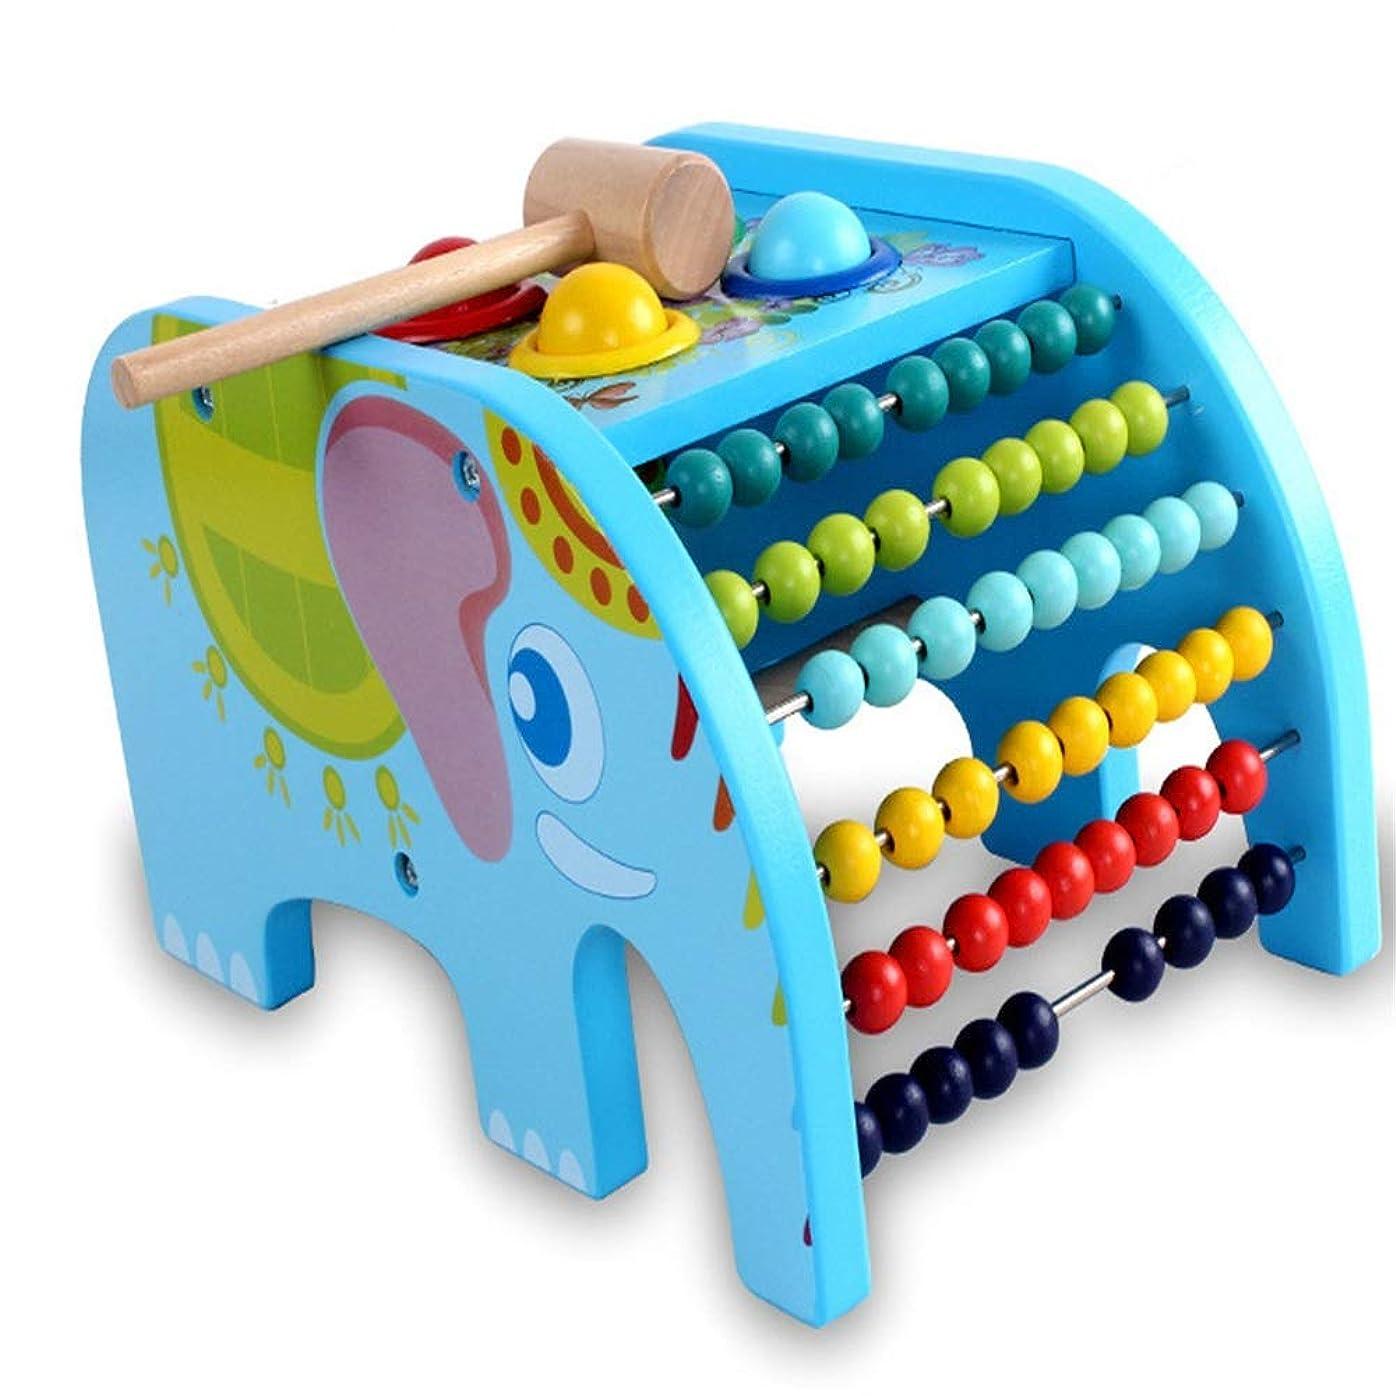 施設空中造船クラシックカウント計算機 多機能ベビーパズル 木製フラップ 象 ビーティングテーブル 数え方 ビーズ玩具 ブルー